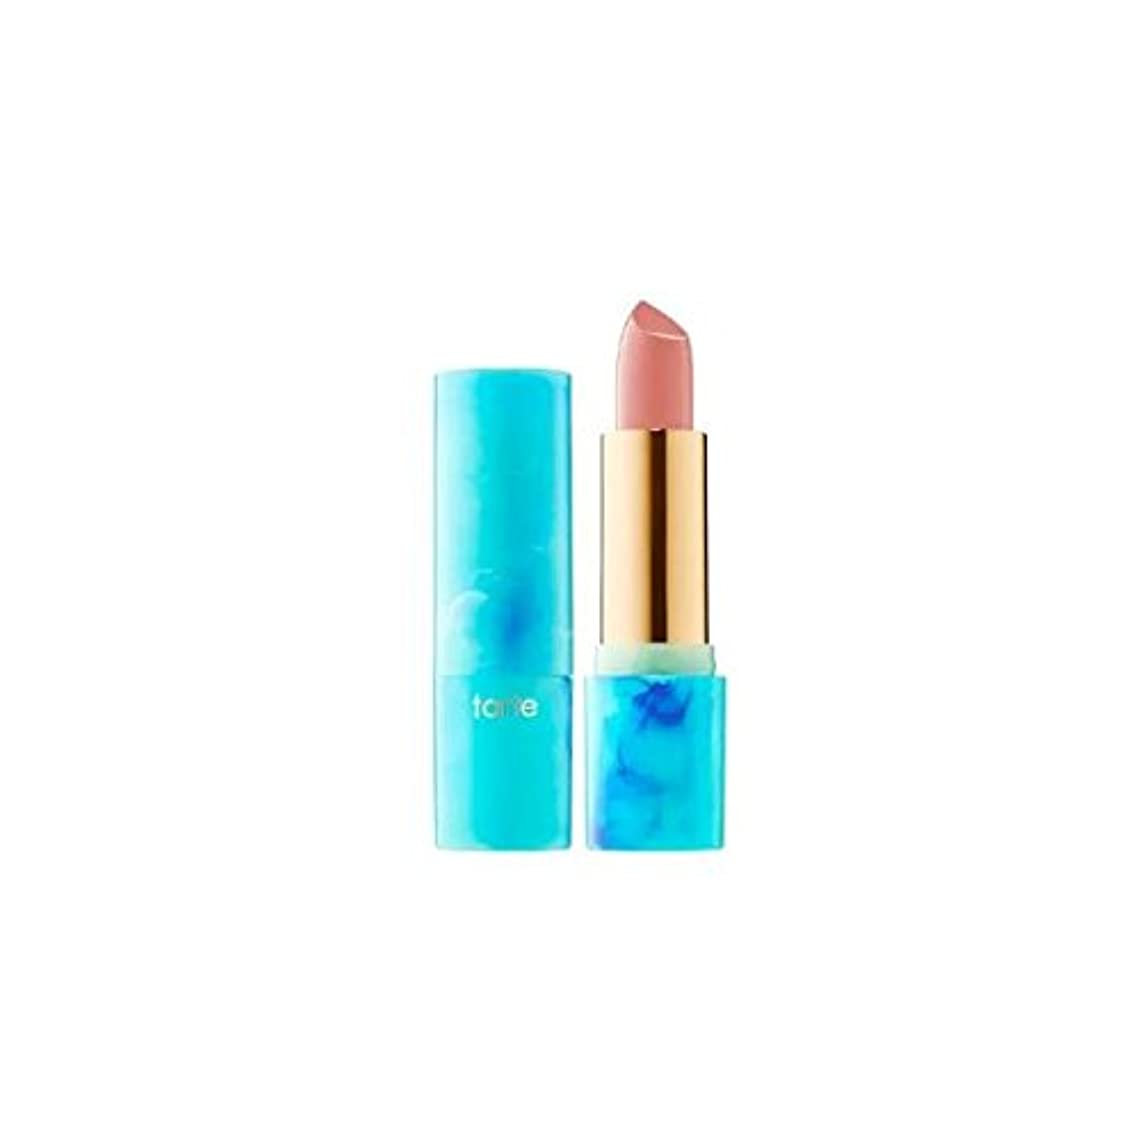 ほこり牽引マルクス主義者tarteタルト リップ Color Splash Lipstick - Rainforest of the Sea Collection Satin finish